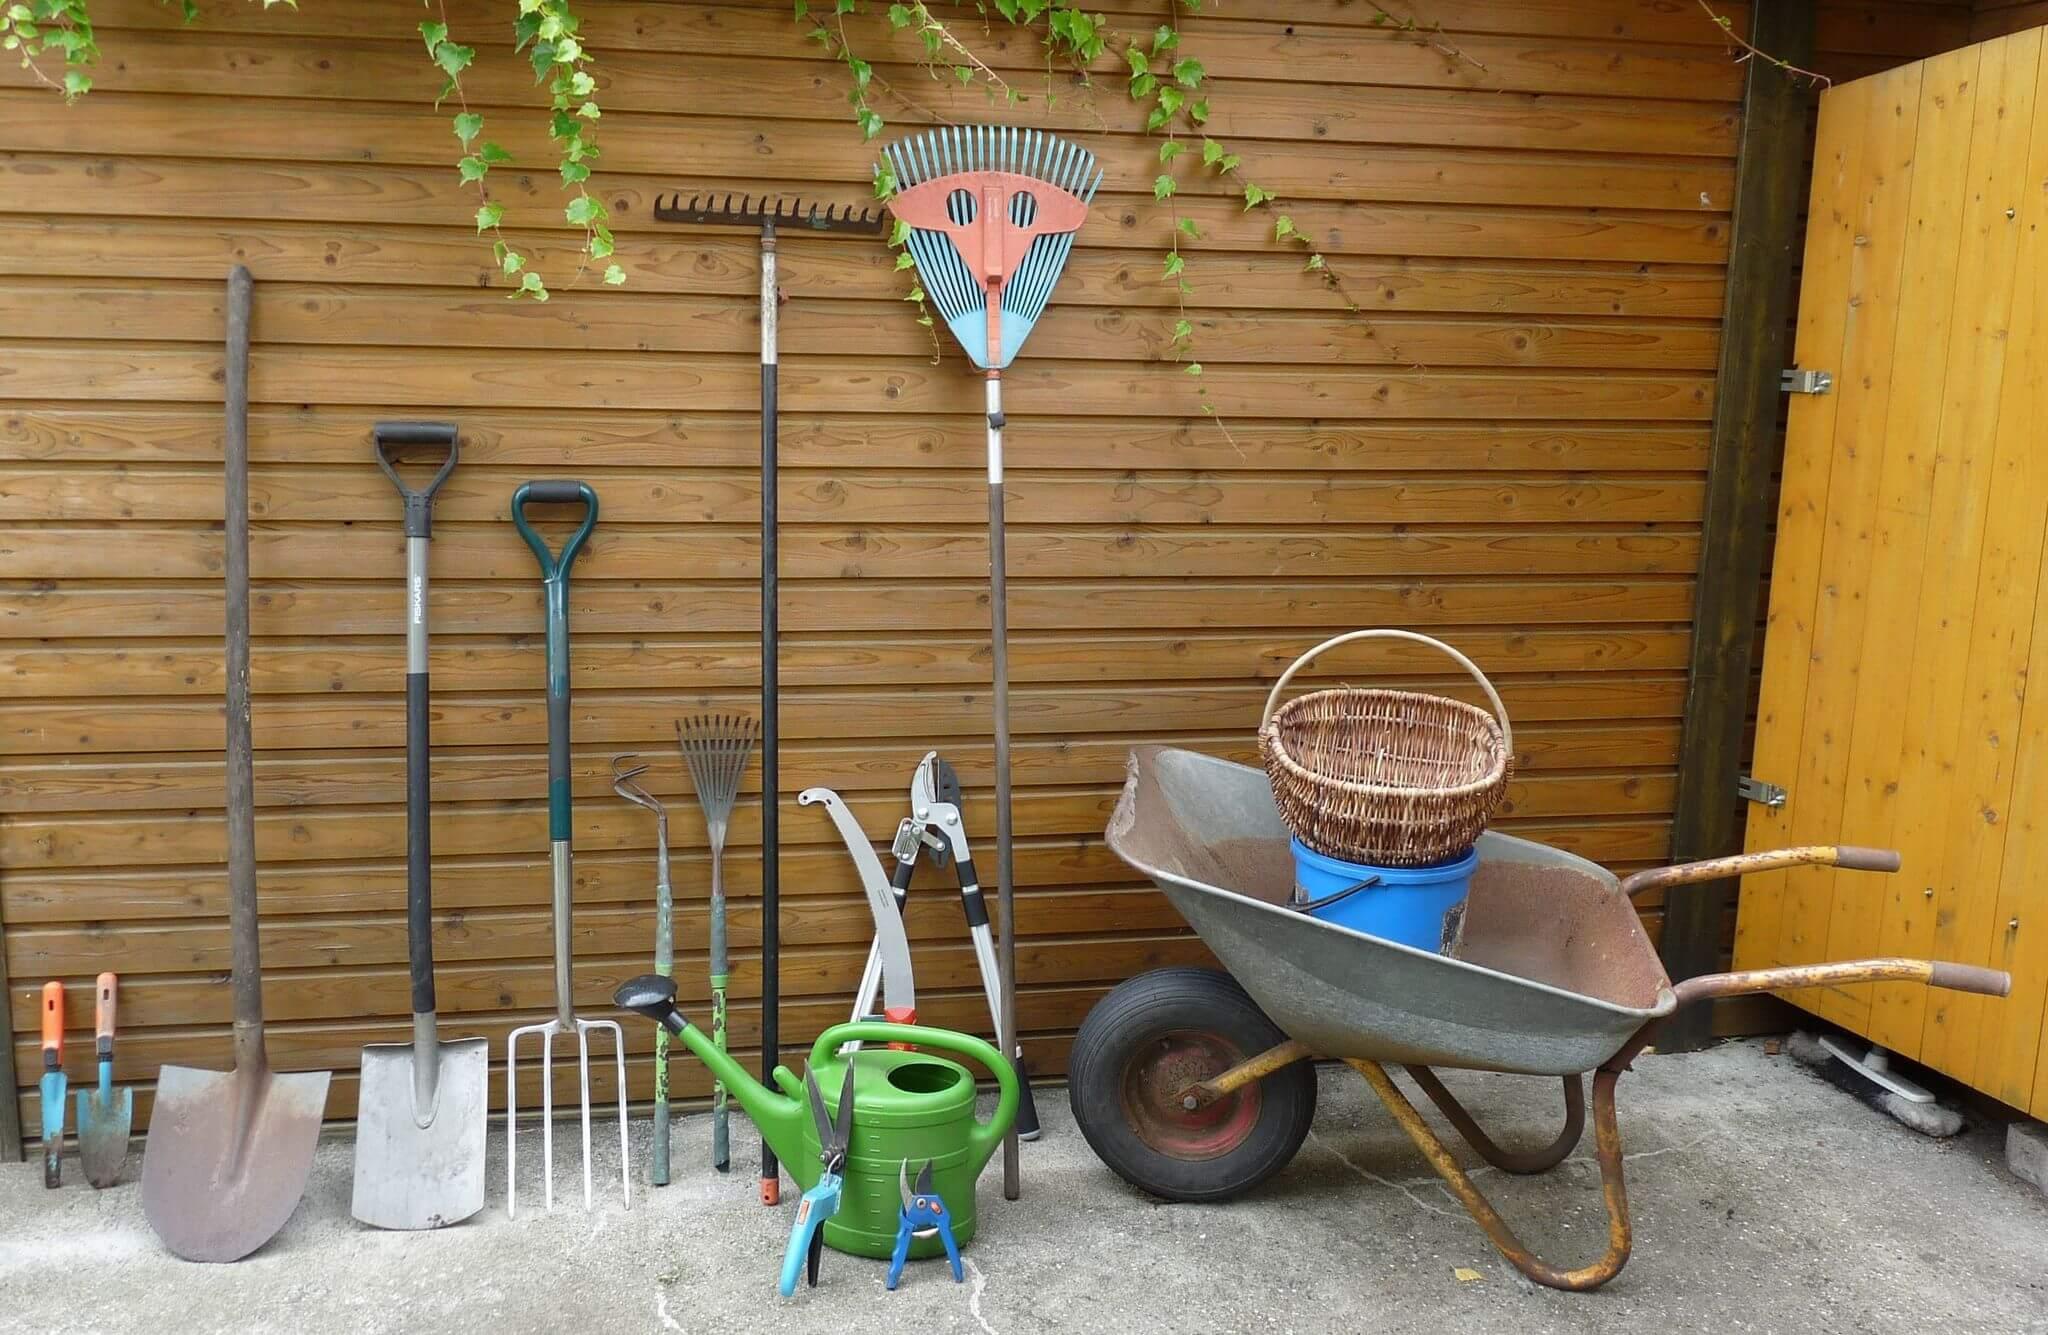 Wie pflege ich meine Gartengeräte richtig?